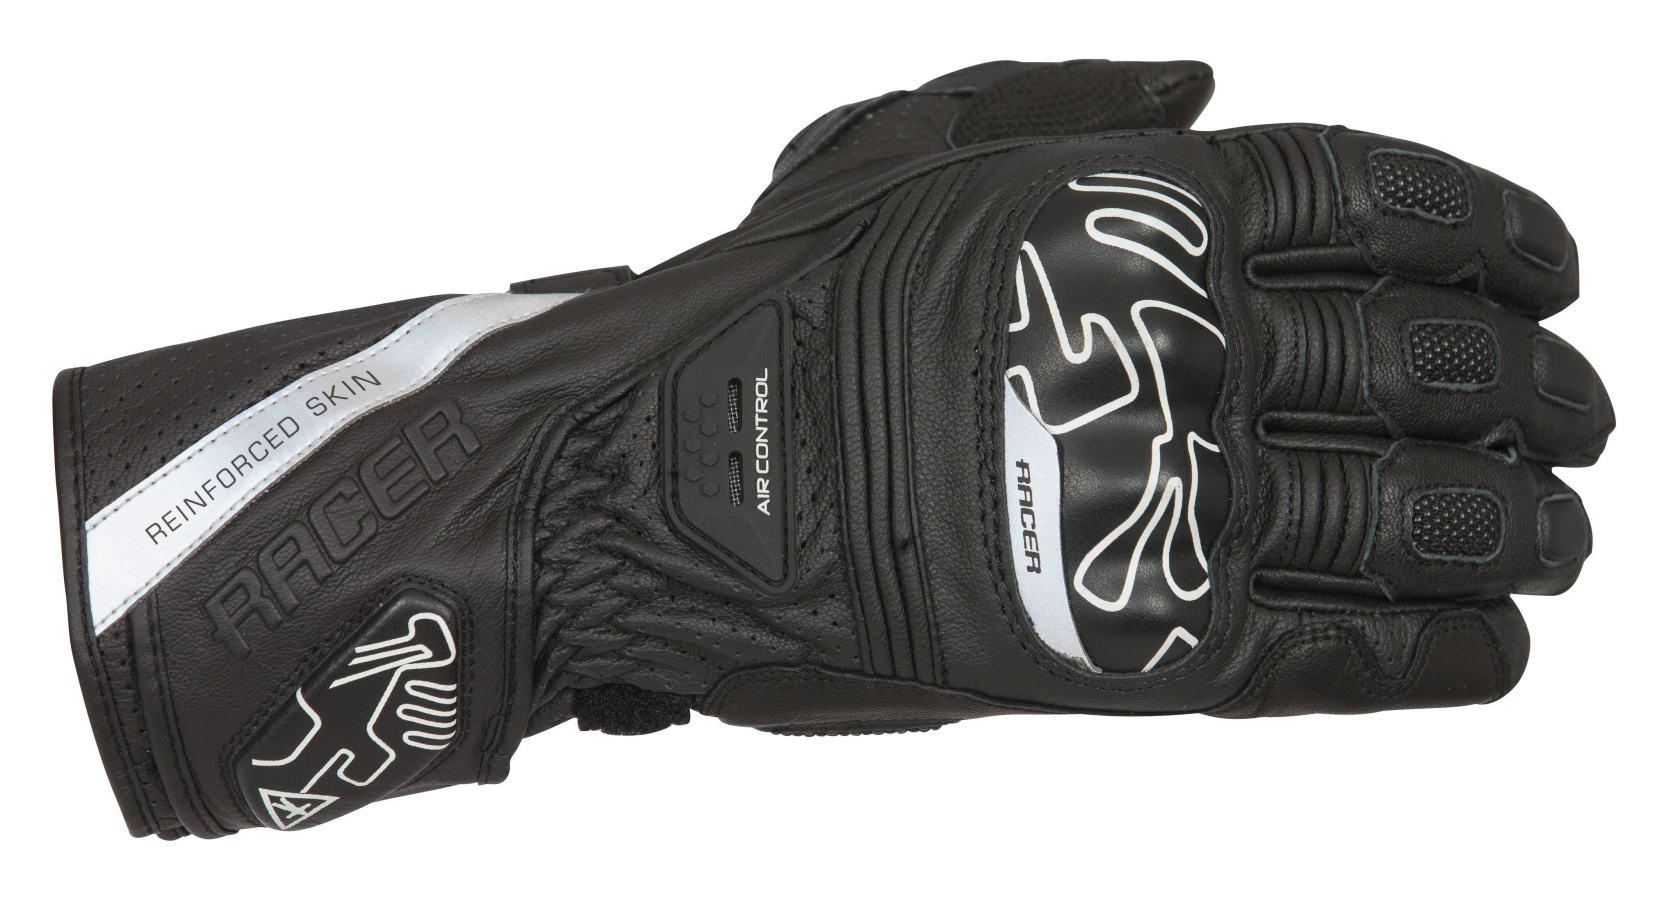 Racer Grip Racing Gloves